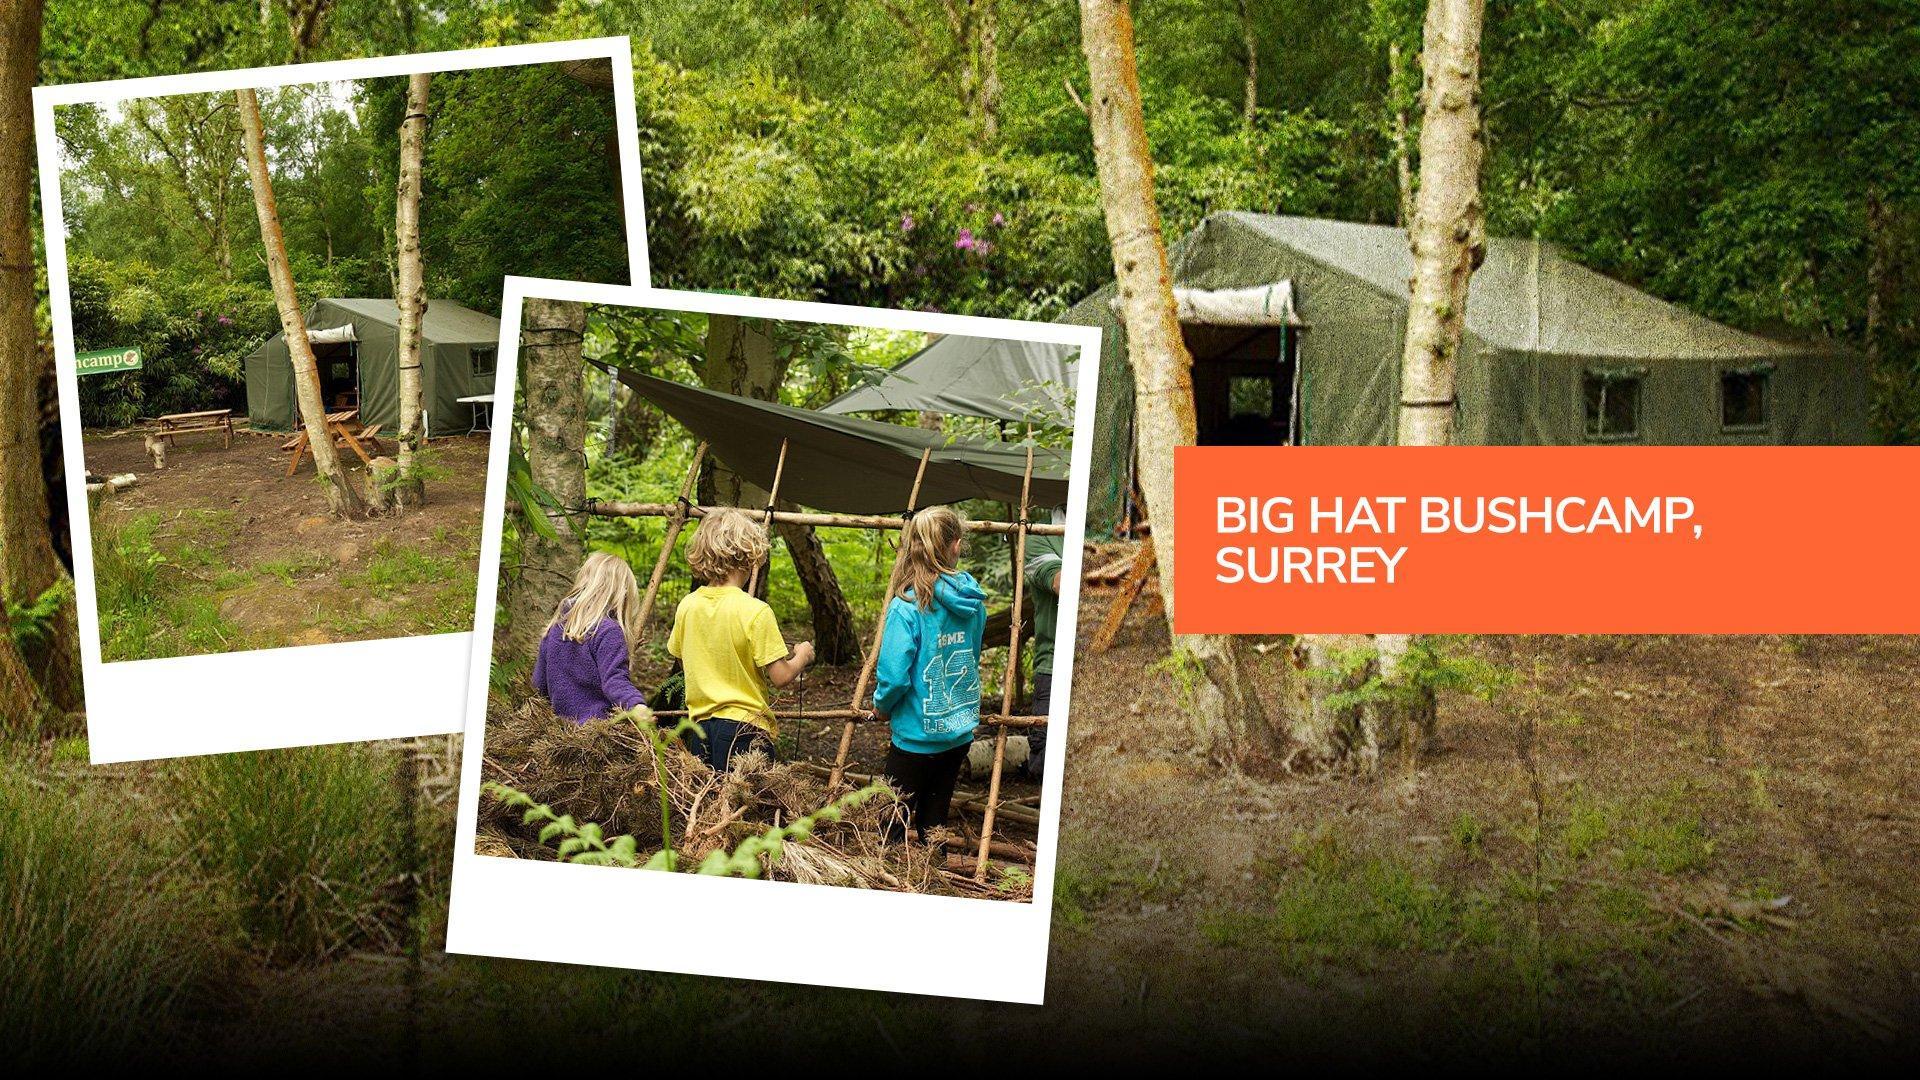 The entrance to Big Hat Bushcamp in Surrey